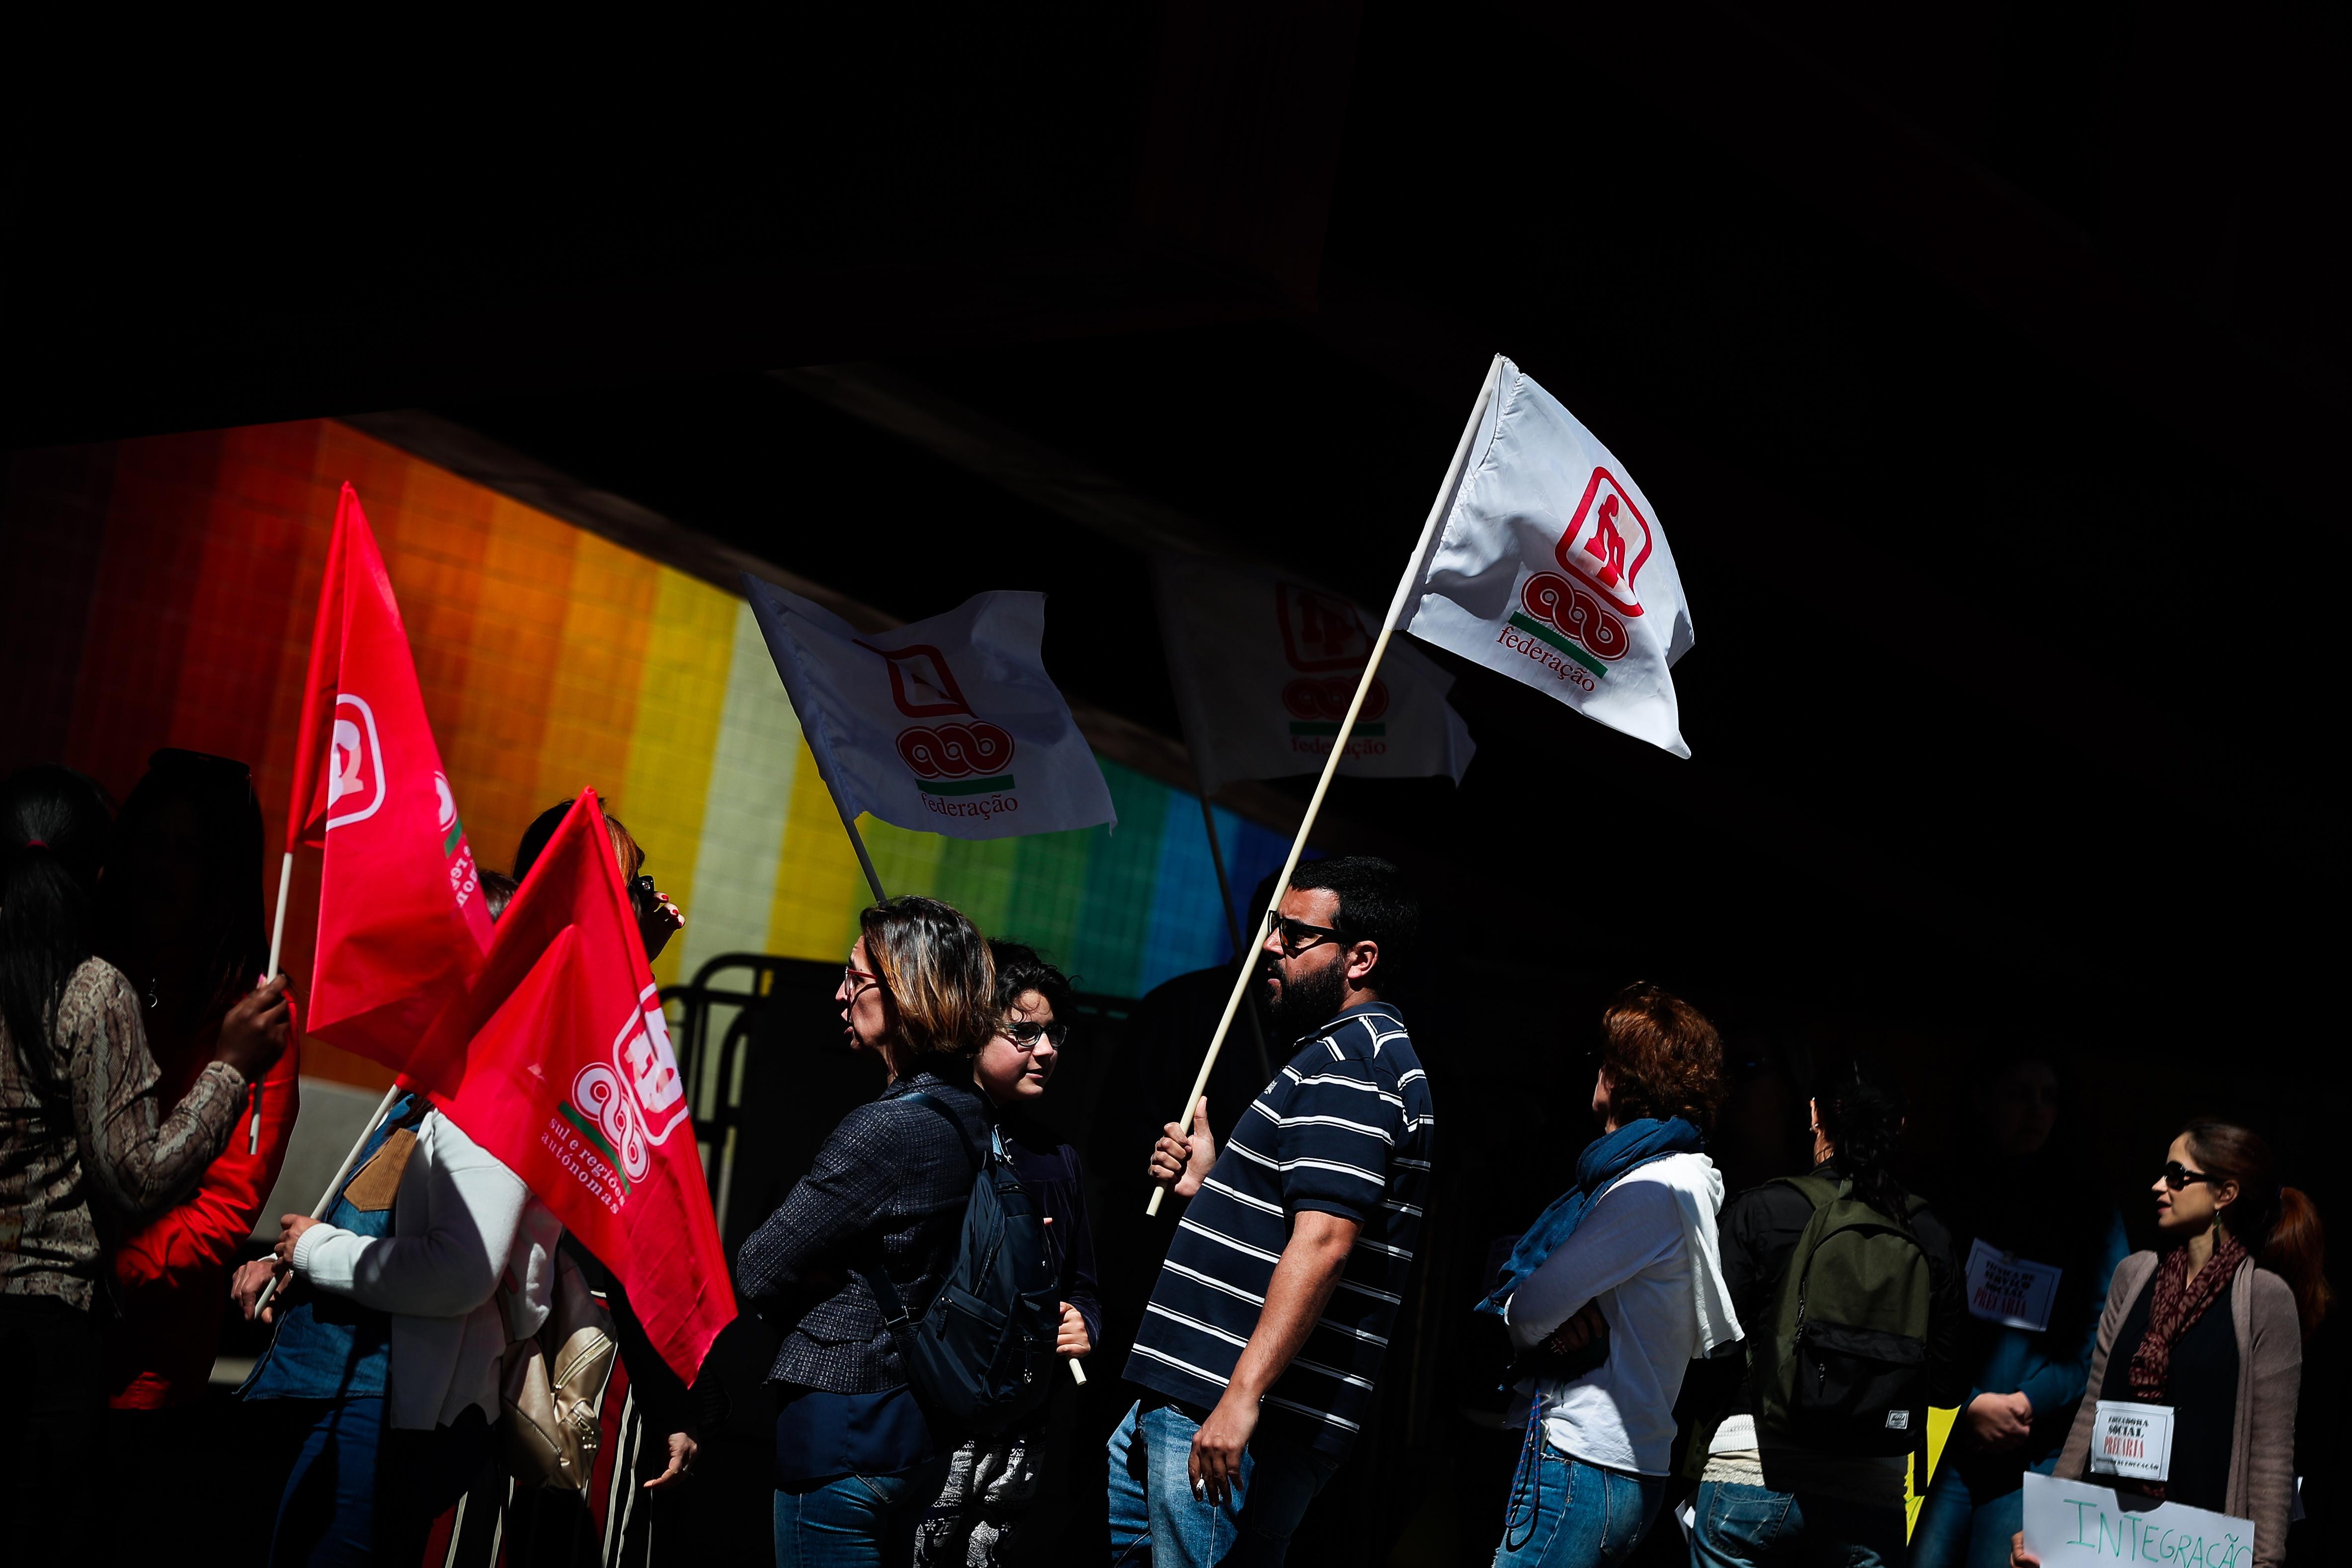 Entre 400 e 500 escolas encerradas devido à greve de funcionários